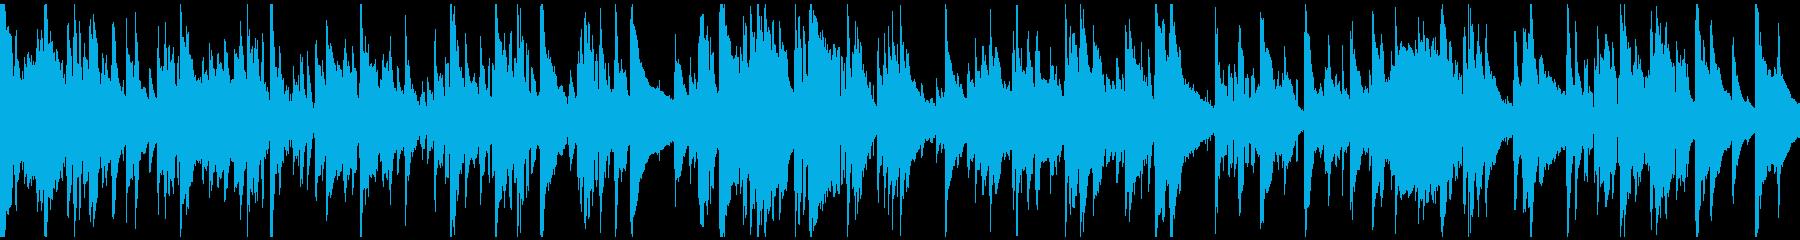 サックス、ギャグのお色気シーン※ループ版の再生済みの波形